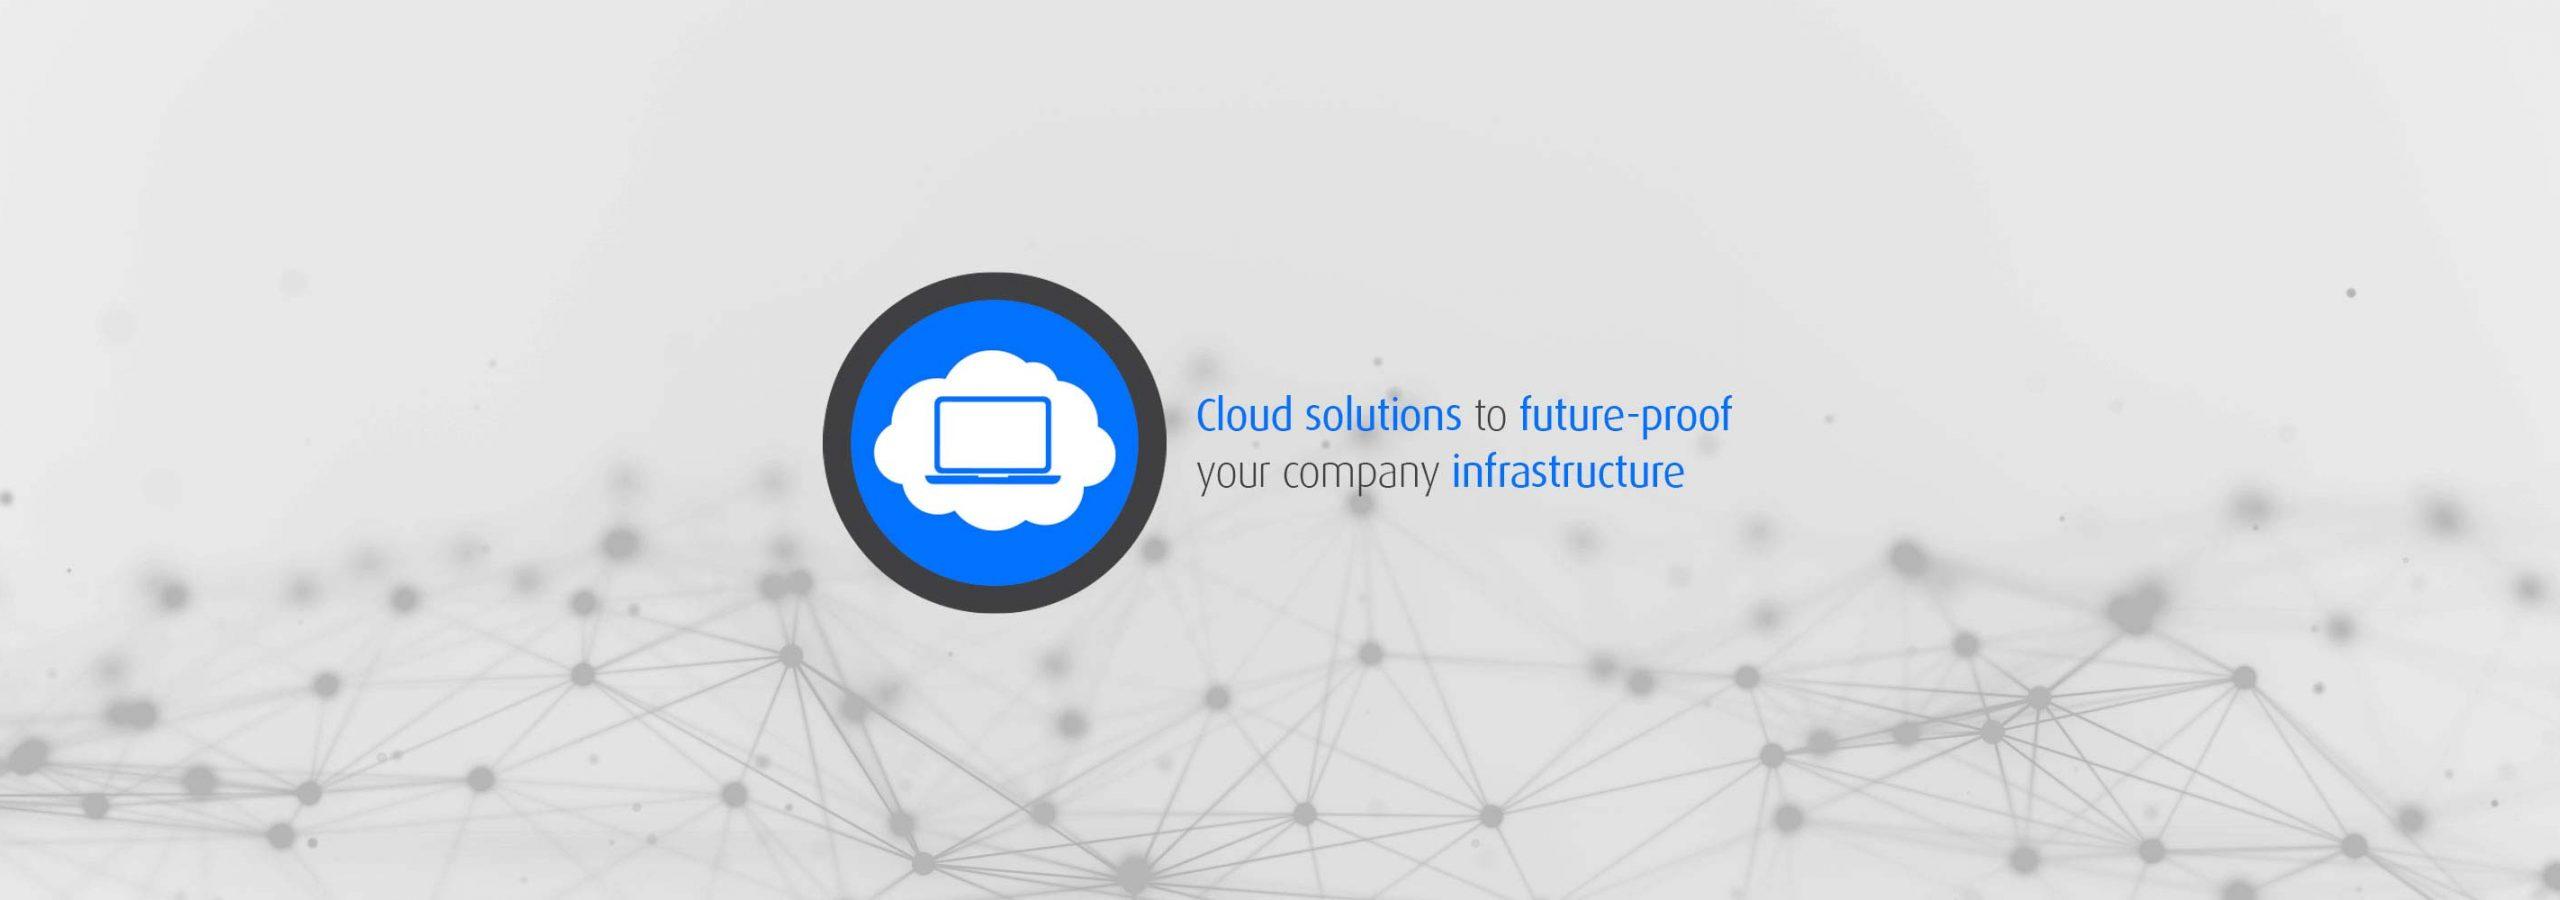 Cloud solutions homepage slide